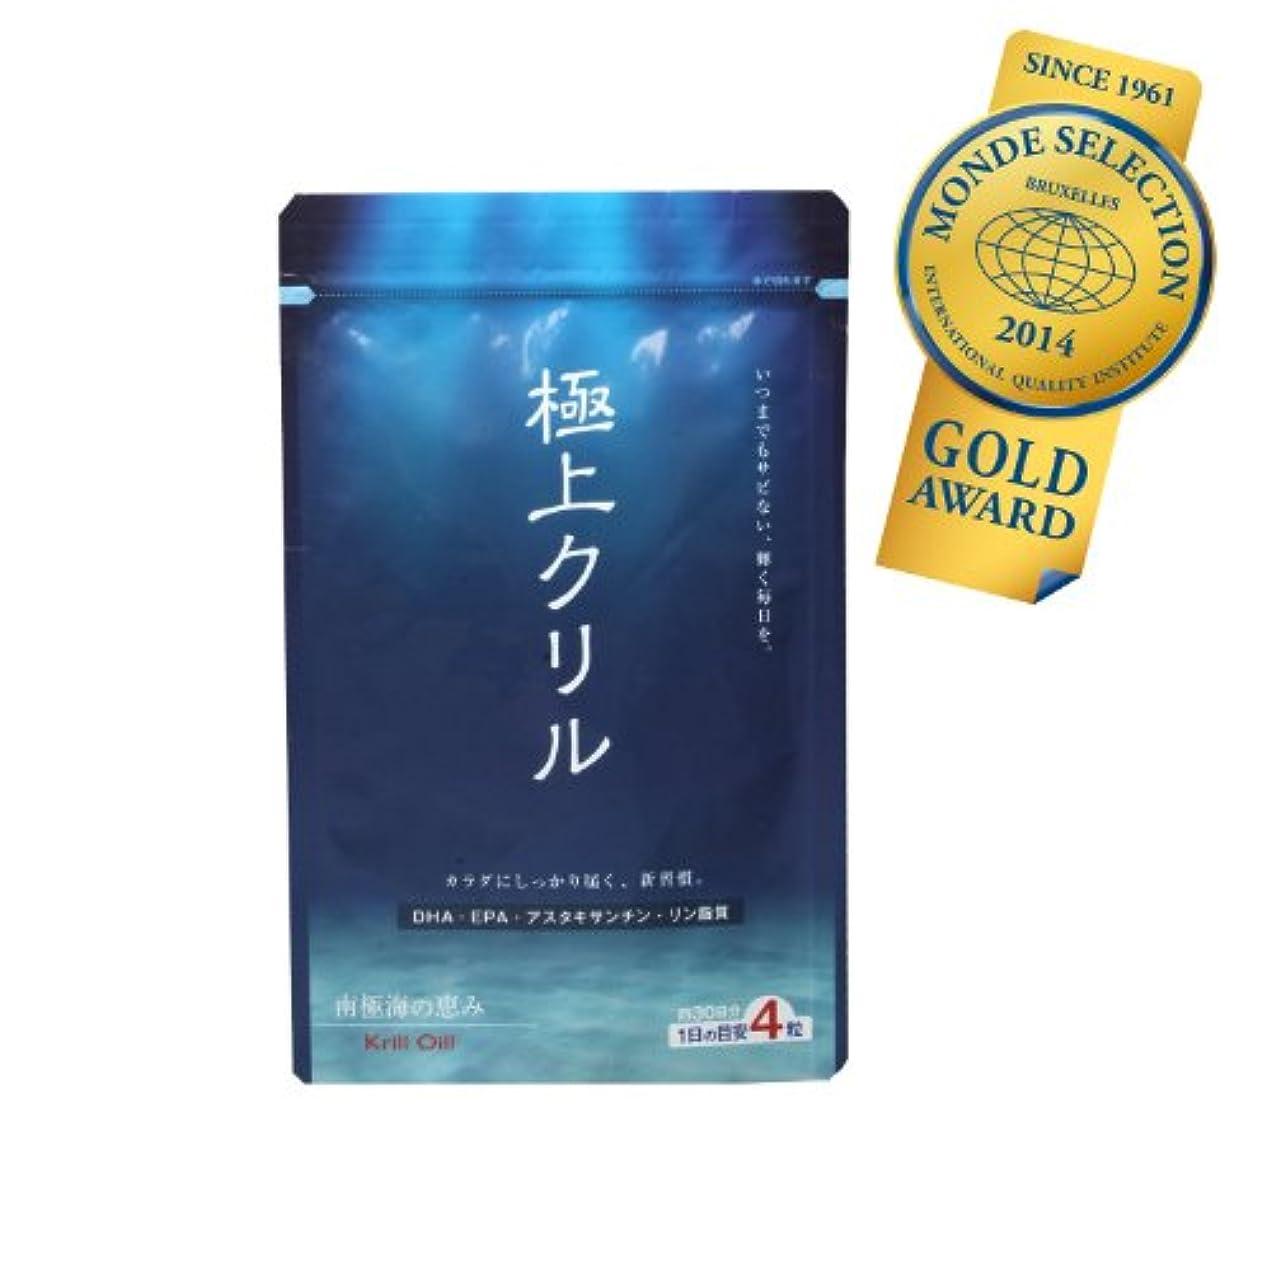 あそこレッドデート昆虫極上クリル120粒 100%クリルオイル (約1ヶ月分) 日本製×5袋セット